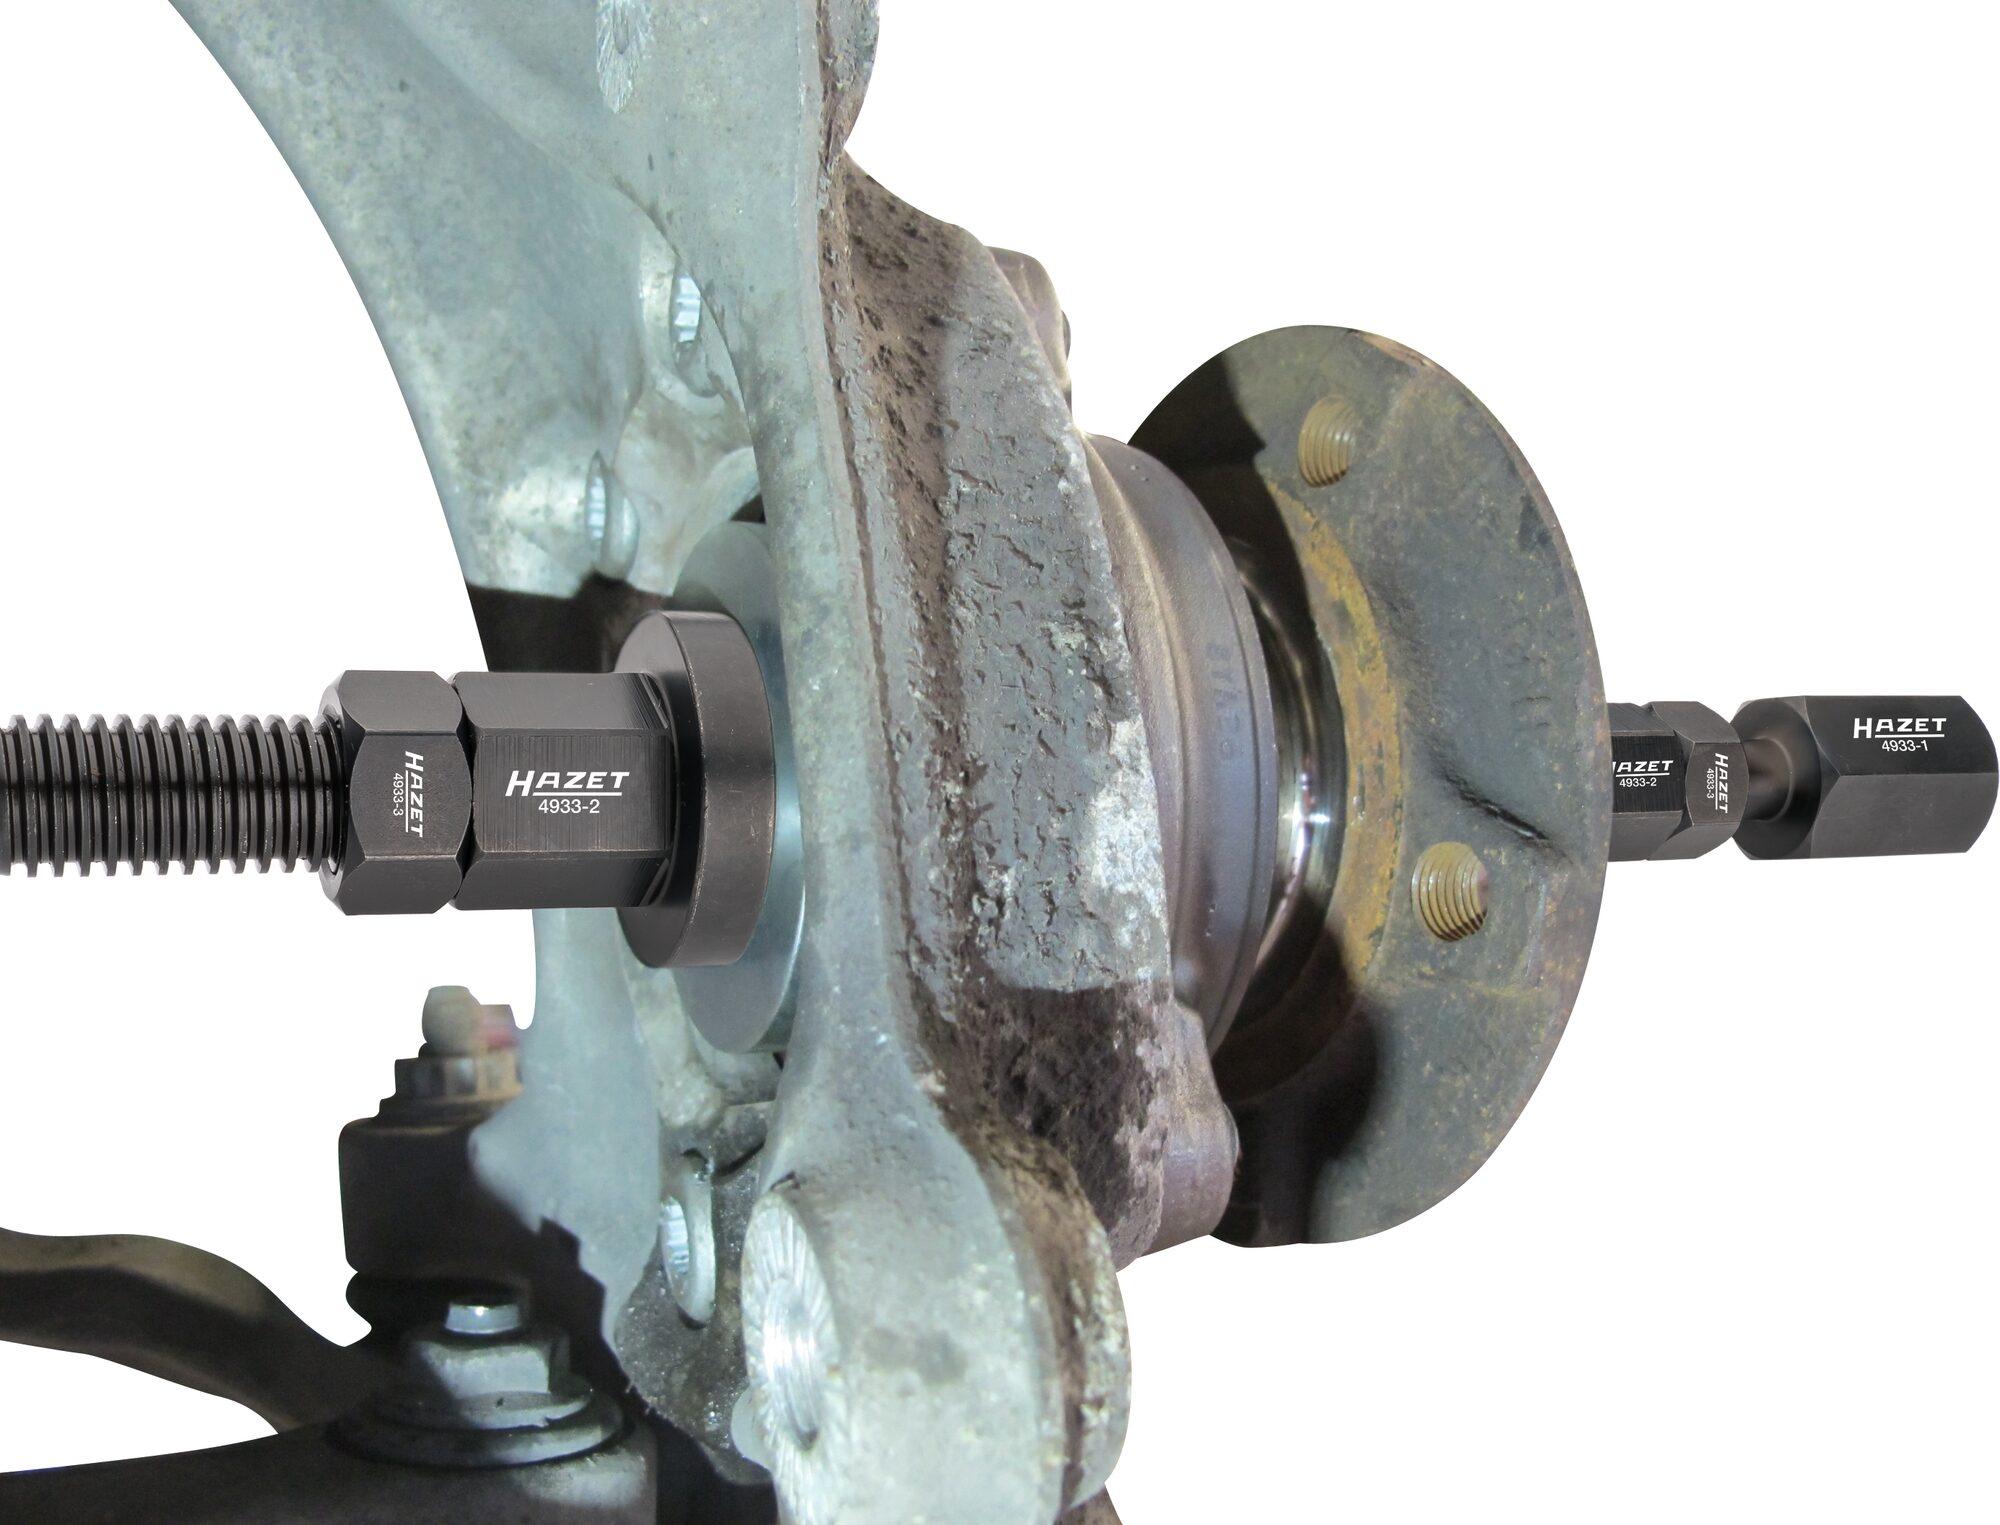 HAZET Doppel-Konus Radlagerwerkzeug Satz 4933-1/11 ∙ Anzahl Werkzeuge: 11